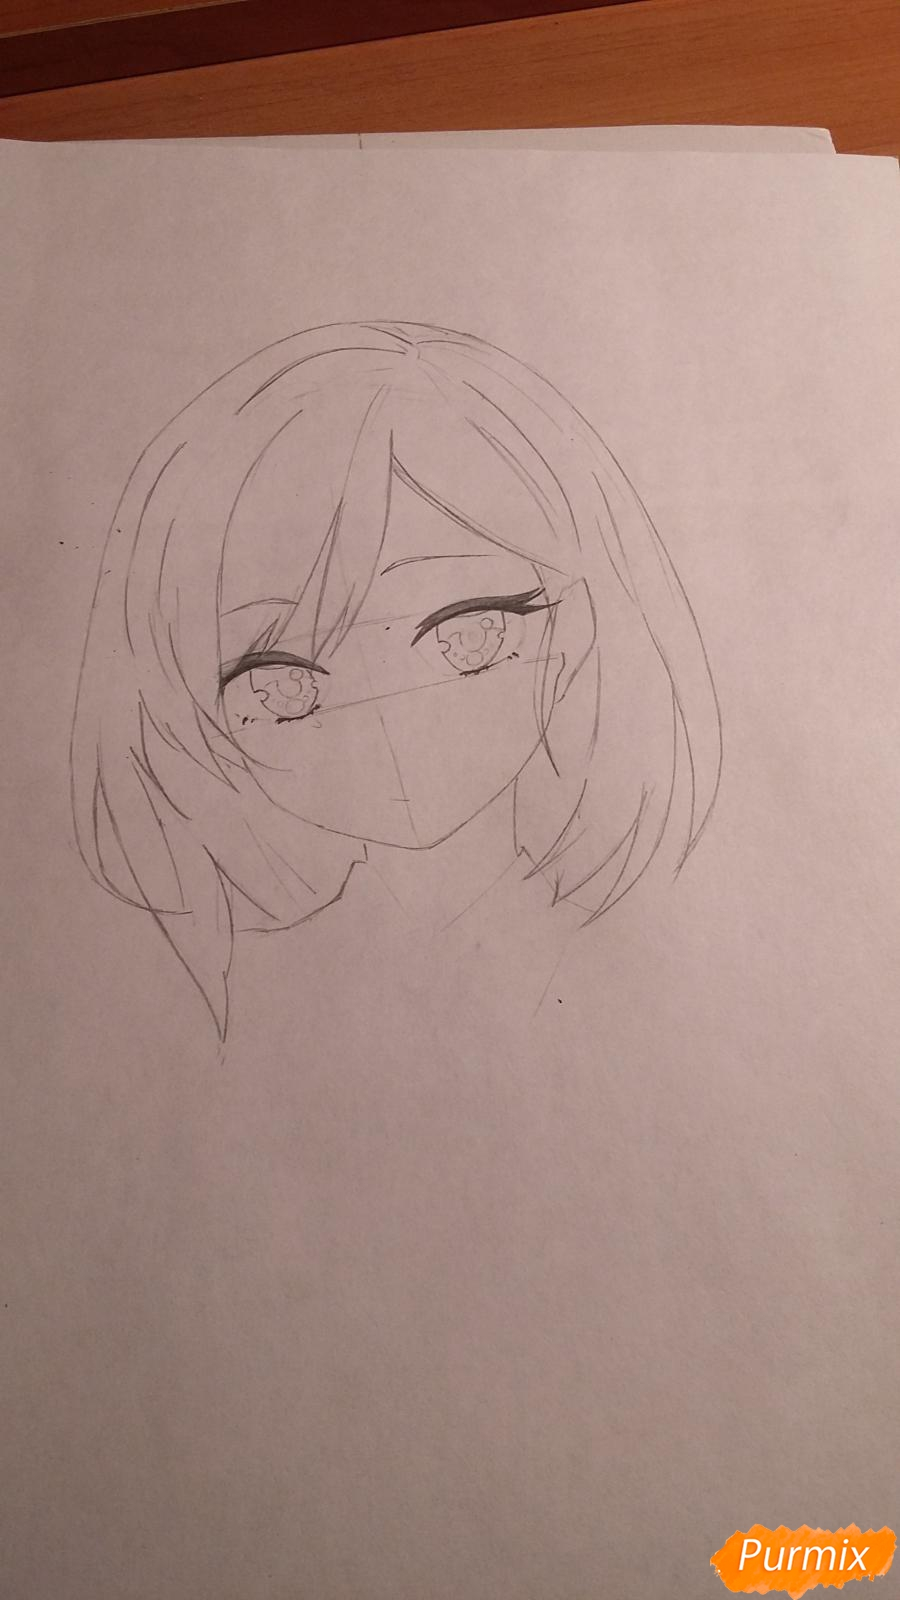 Рисуем протрет красивой девушки в аниме стиле - фото 3